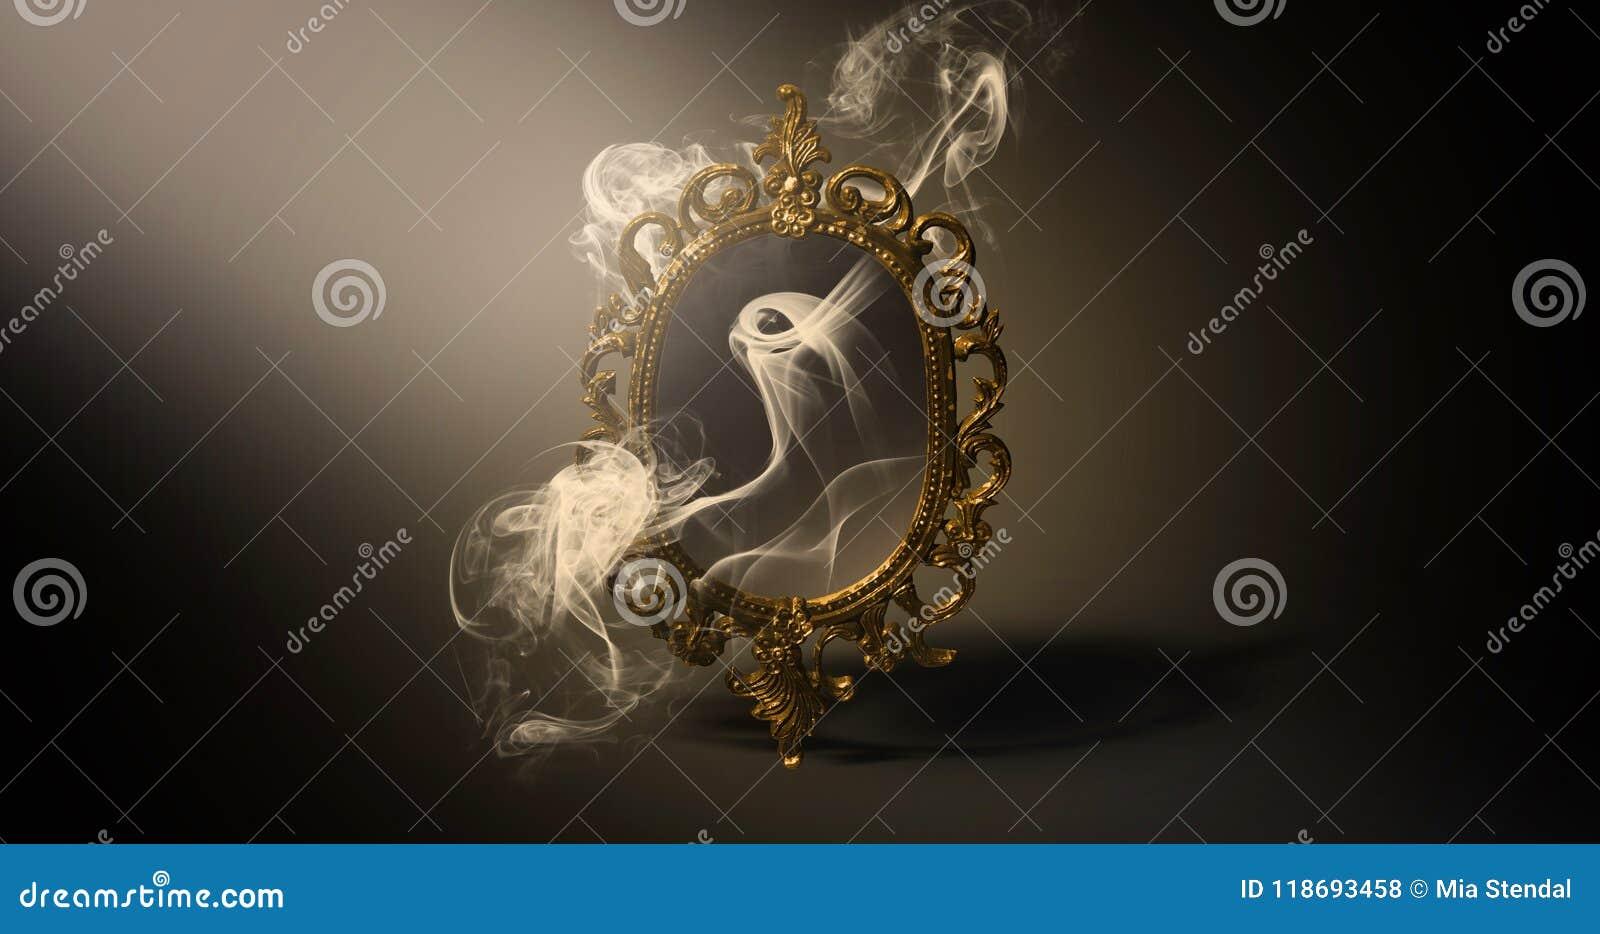 Avspegla magisk, för förmögenhet berätta och uppfyllelse av lust